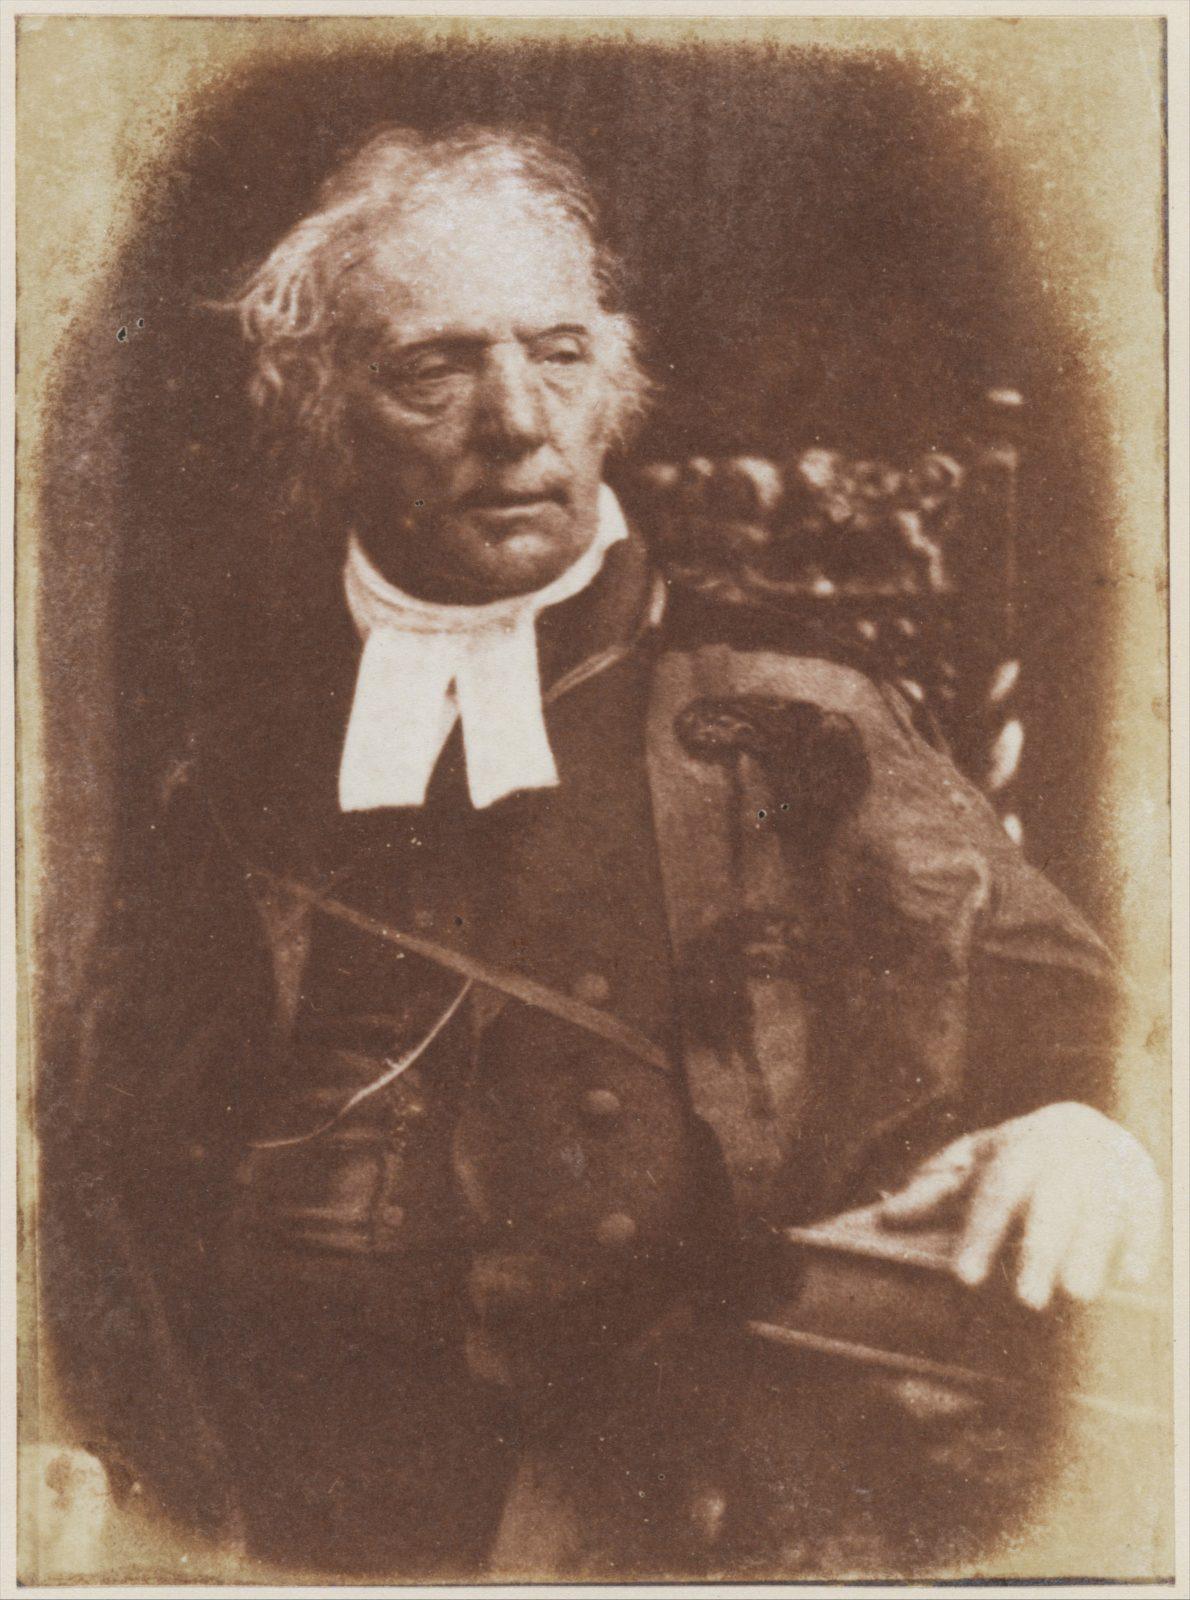 Rev. Dr. Thomas Chalmers